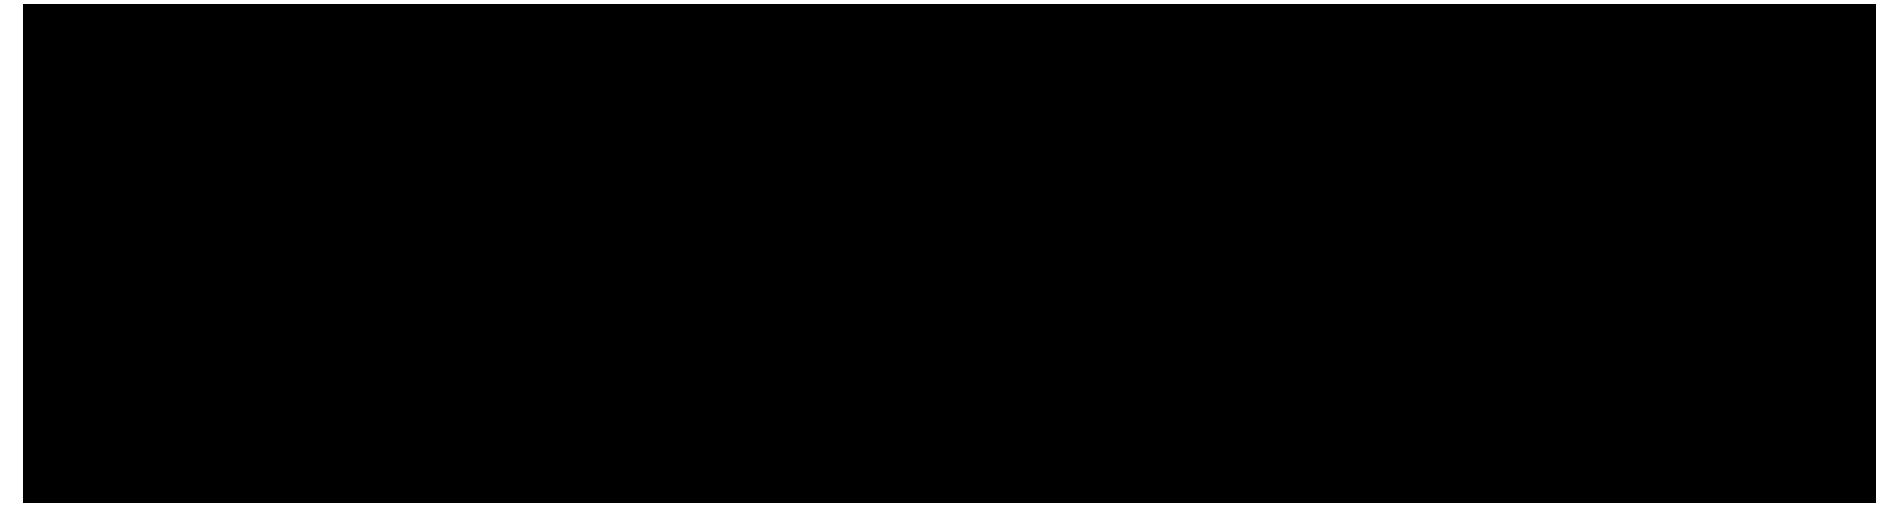 Police de caractères pour le logo